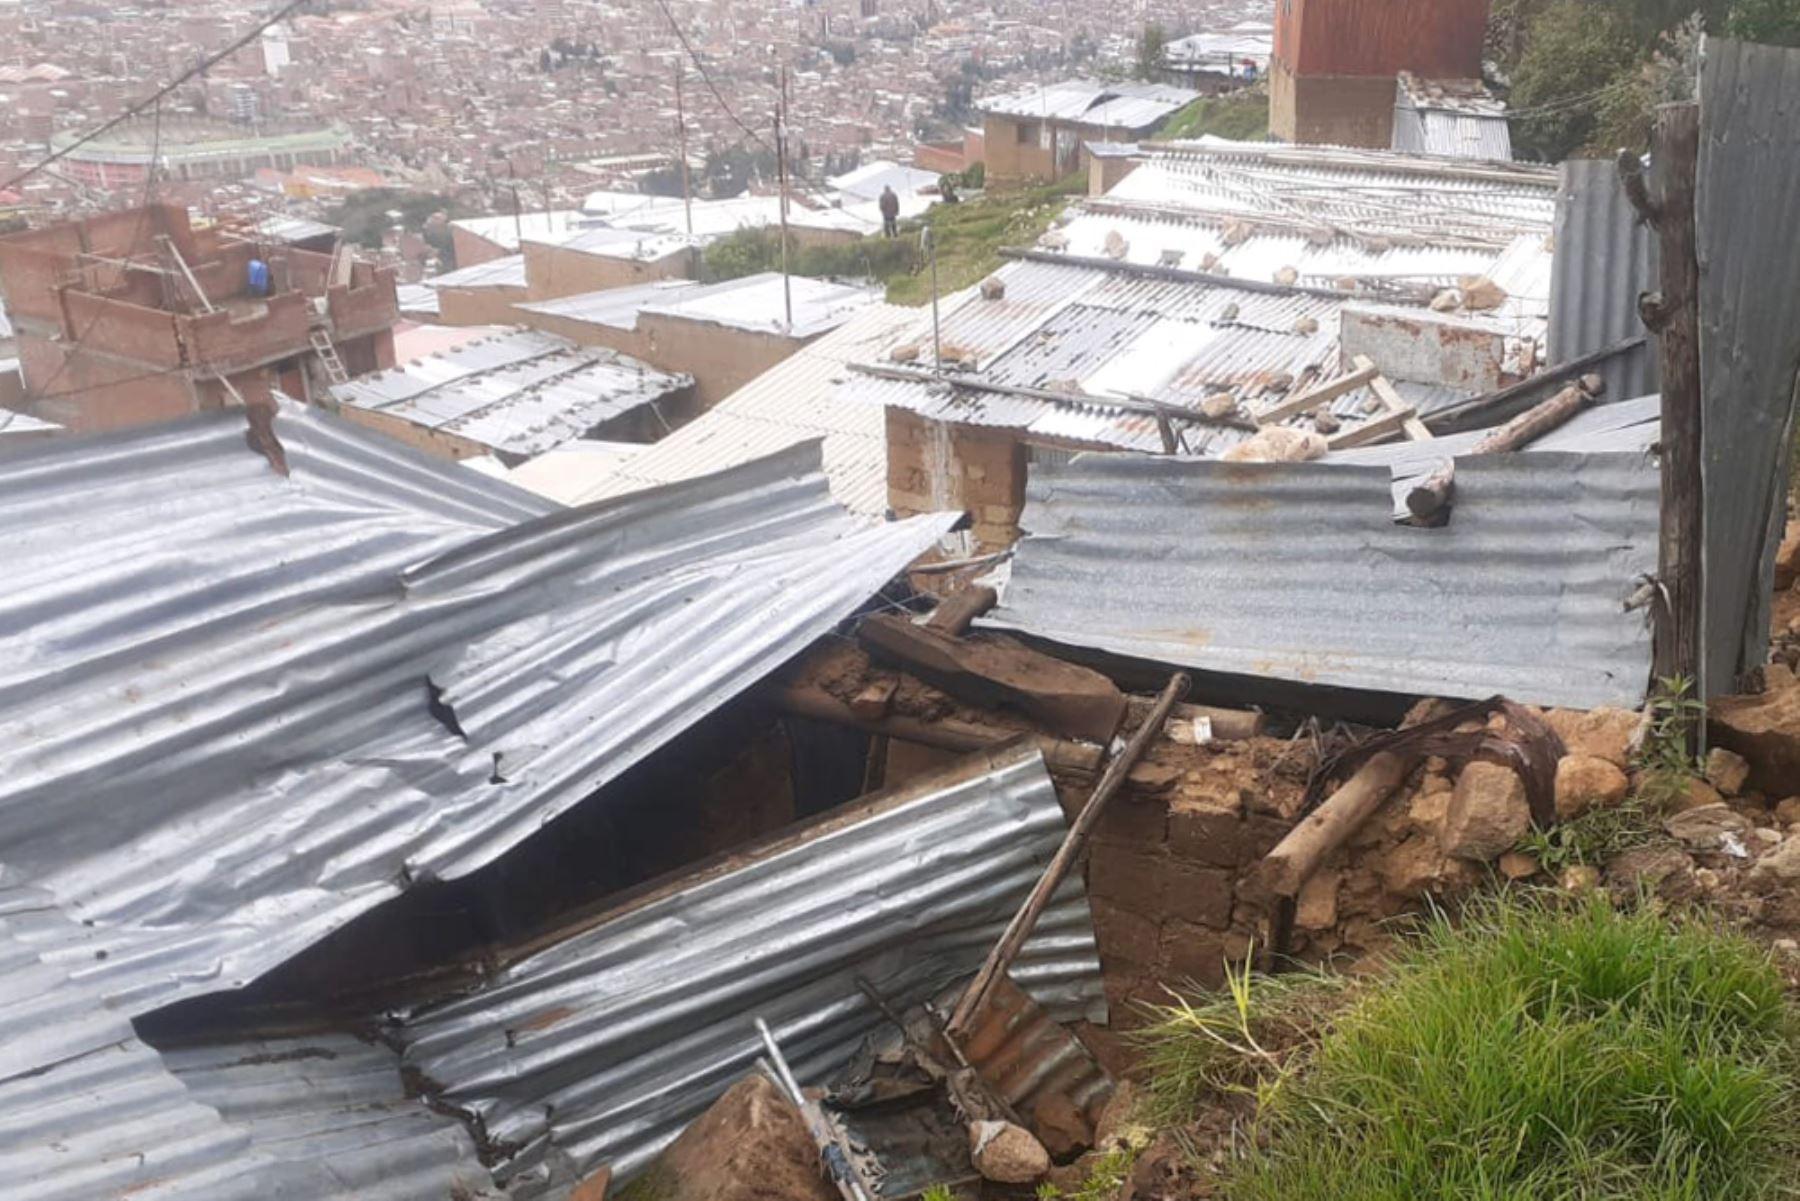 Los derrumbes ocurrieron en el Centro Poblado de Jatun Pongor, y en el barrio Chua Alto, ambos ubicados en el distrito de Independencia, en Huaraz.ANDINA/ COER Ancash